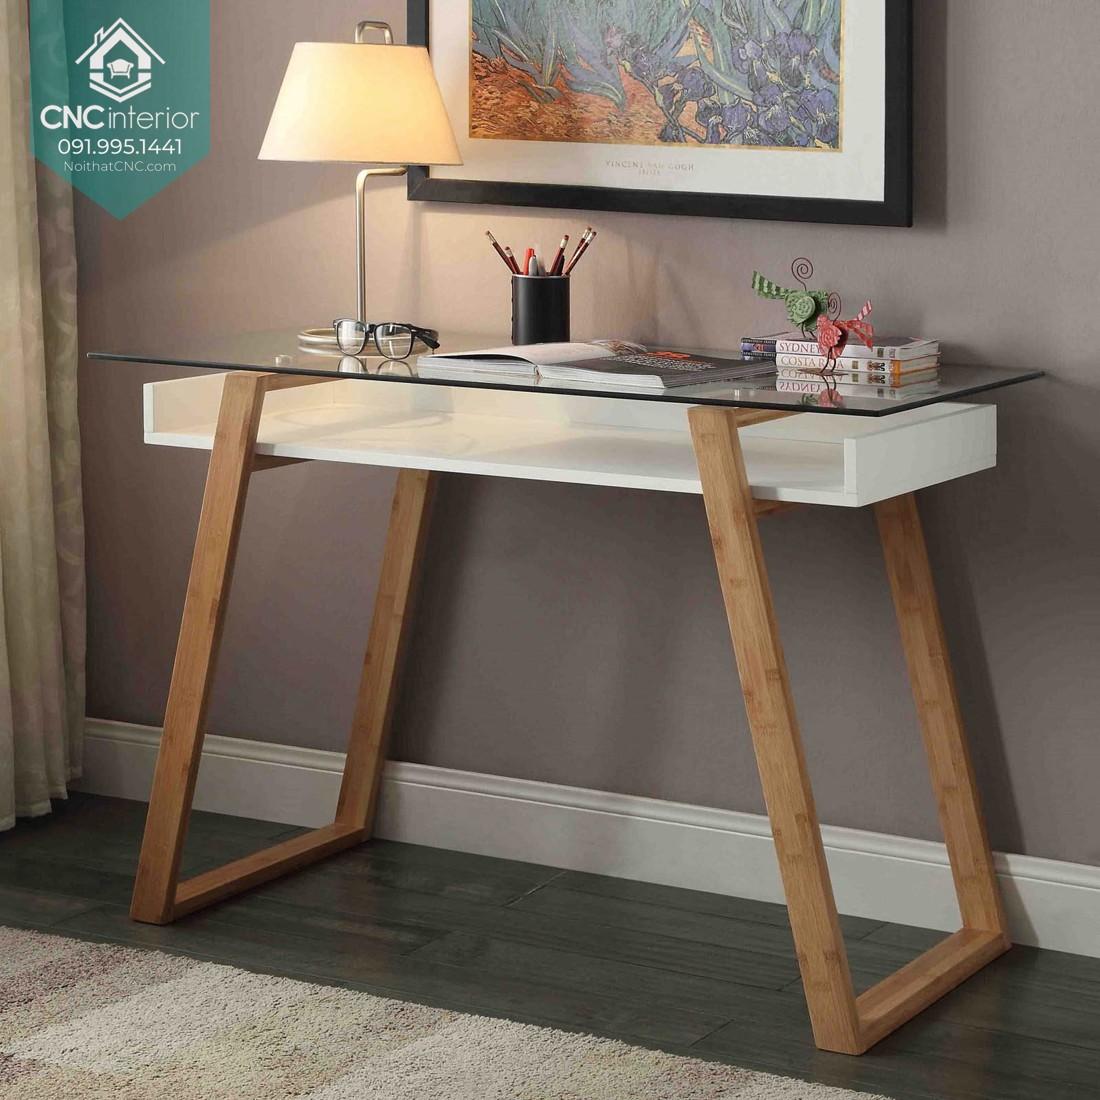 Mặt bàn sử dụng kính cường lực và sử dụng gỗ màu sáng